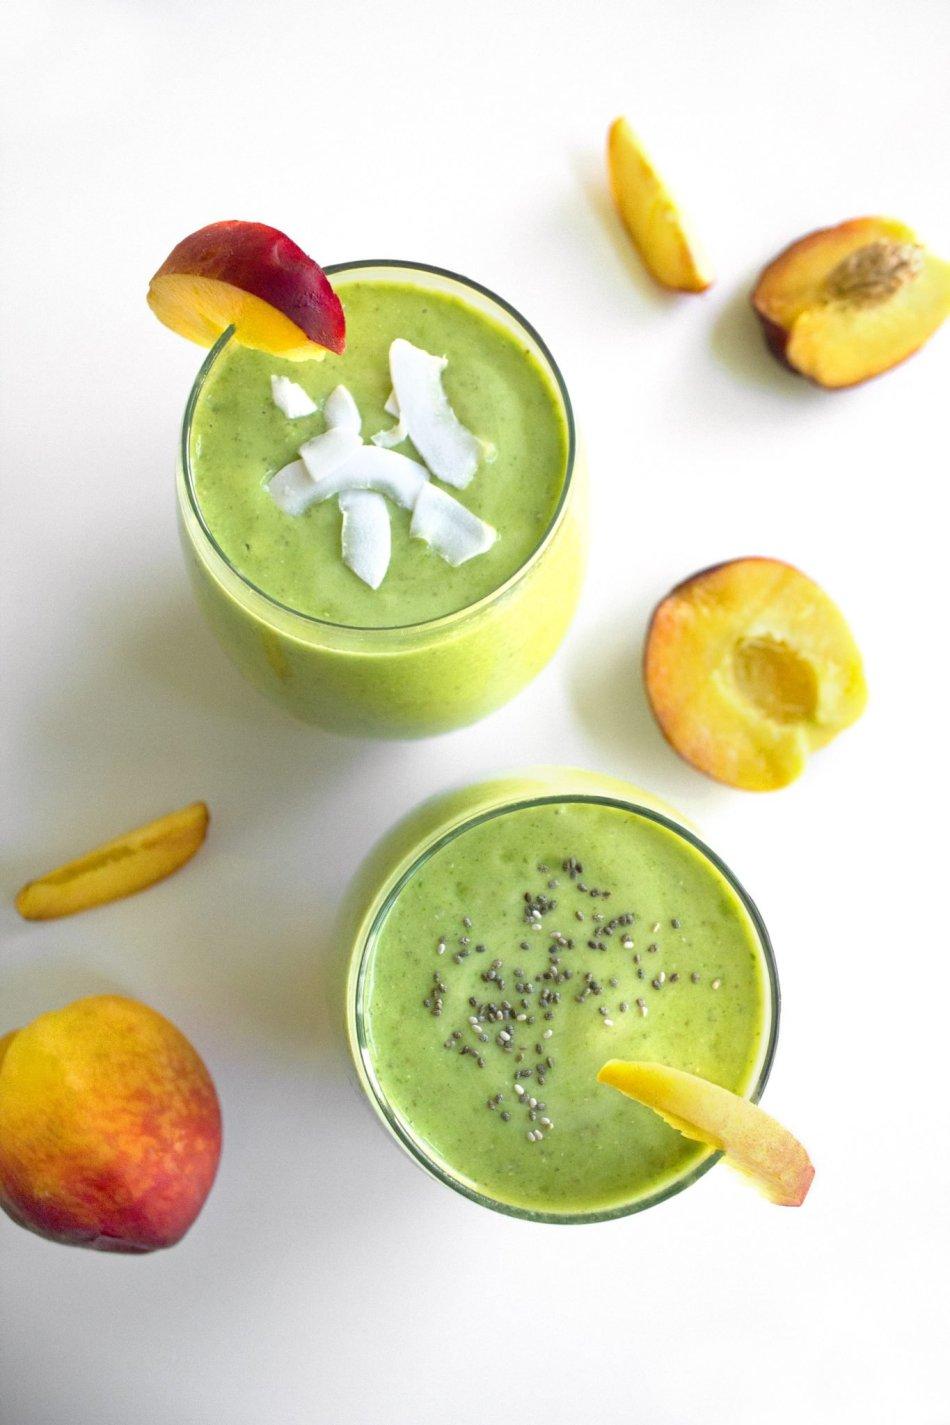 Peachy Kale Smoothie | Simple, dairy free & vegan!